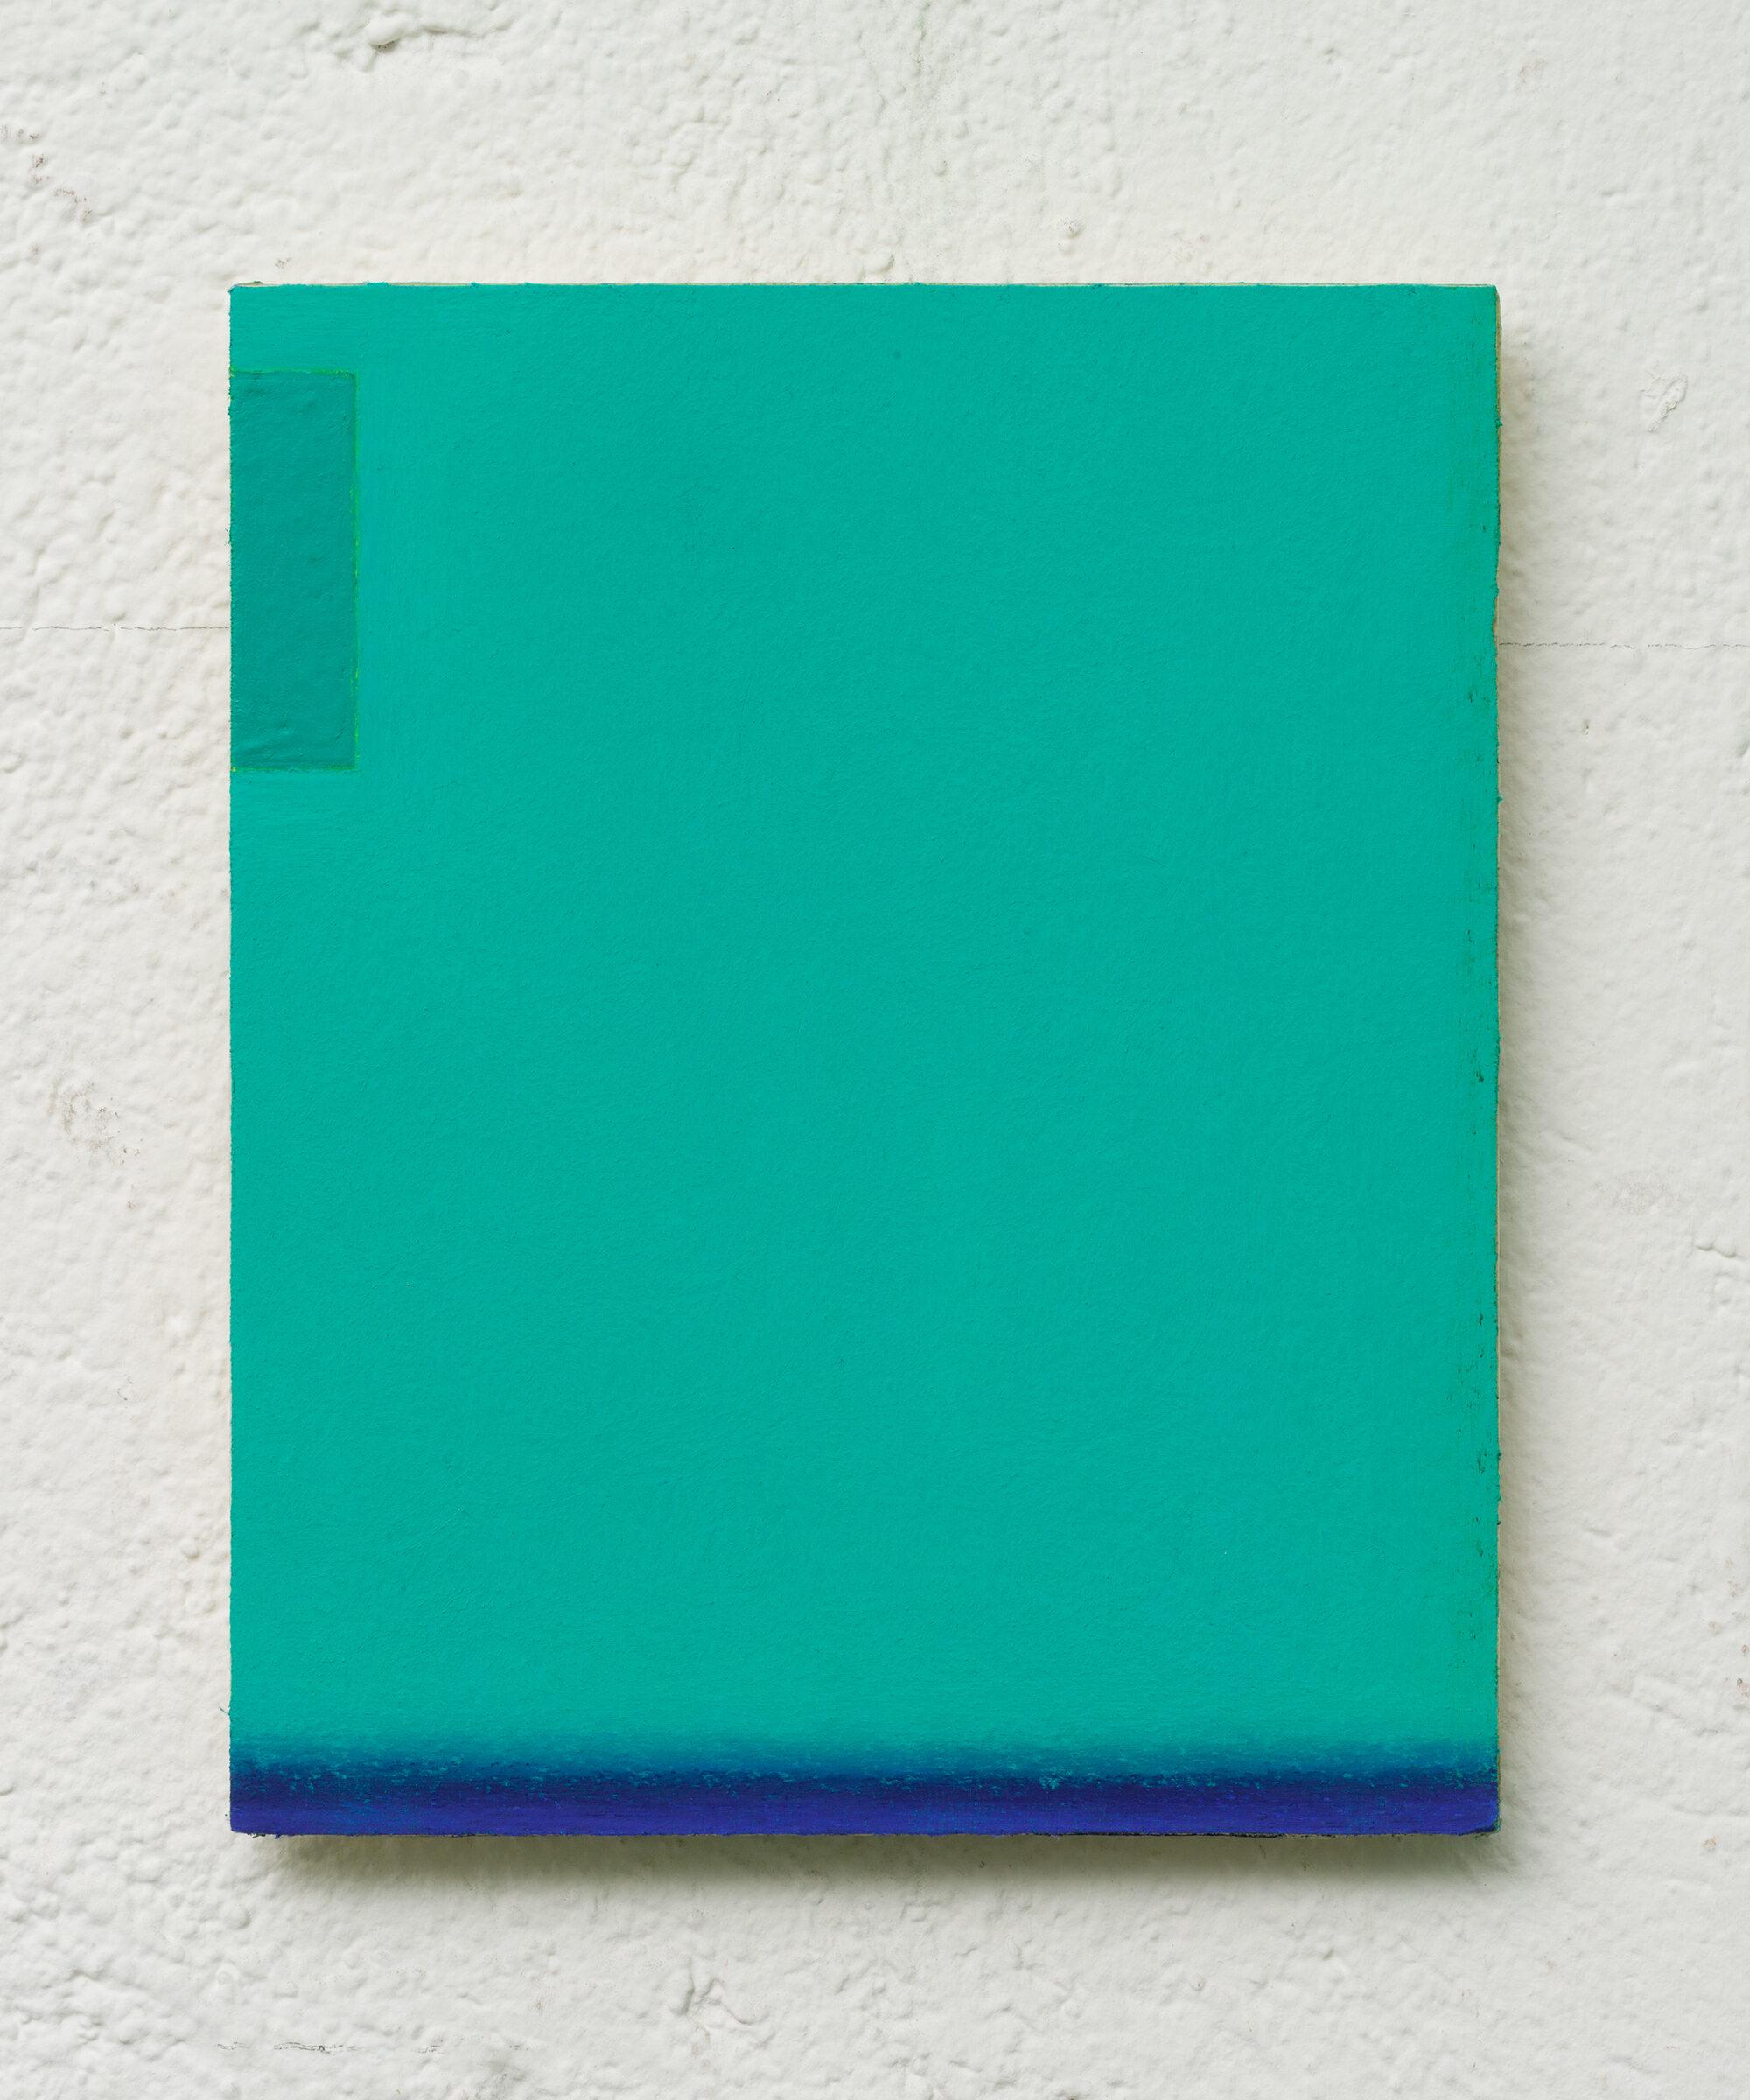 7. LM Untitled, 15x21cm pastello morbido su carta abrasiva applicata su tavola, 2017